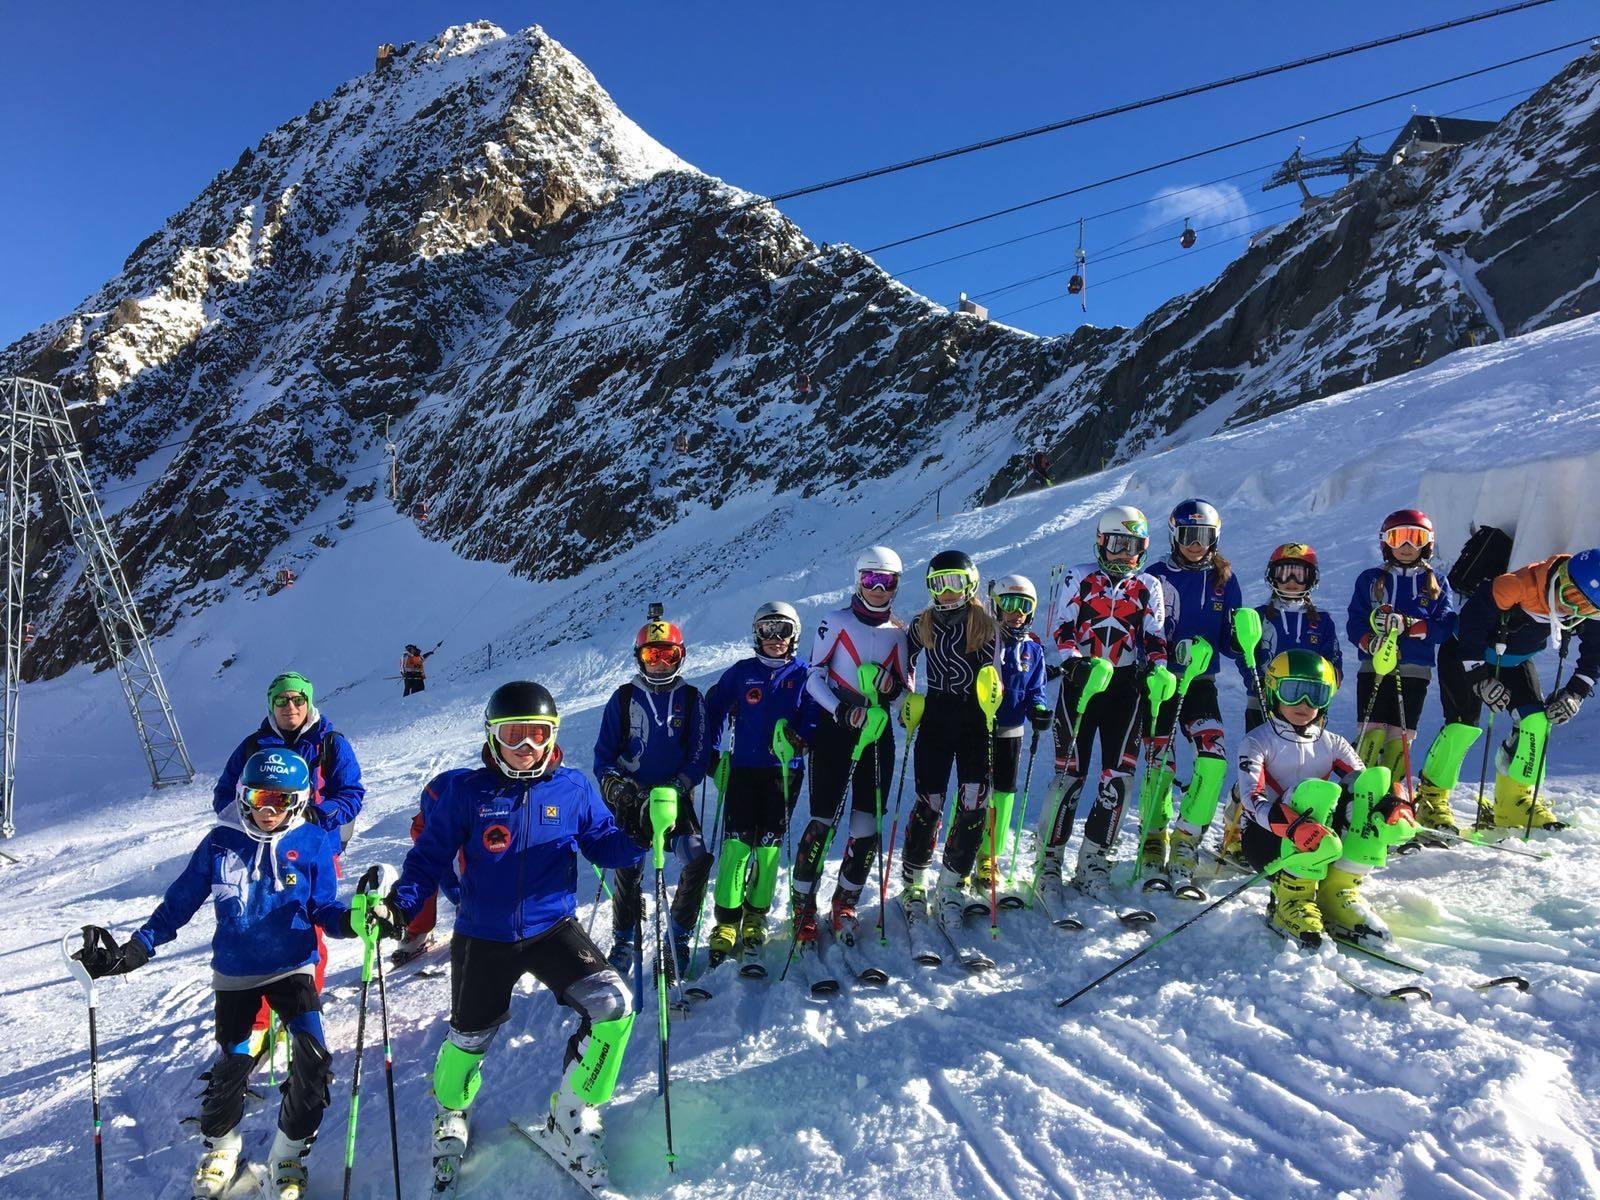 Trainingskurs am Stubaier Gletscher